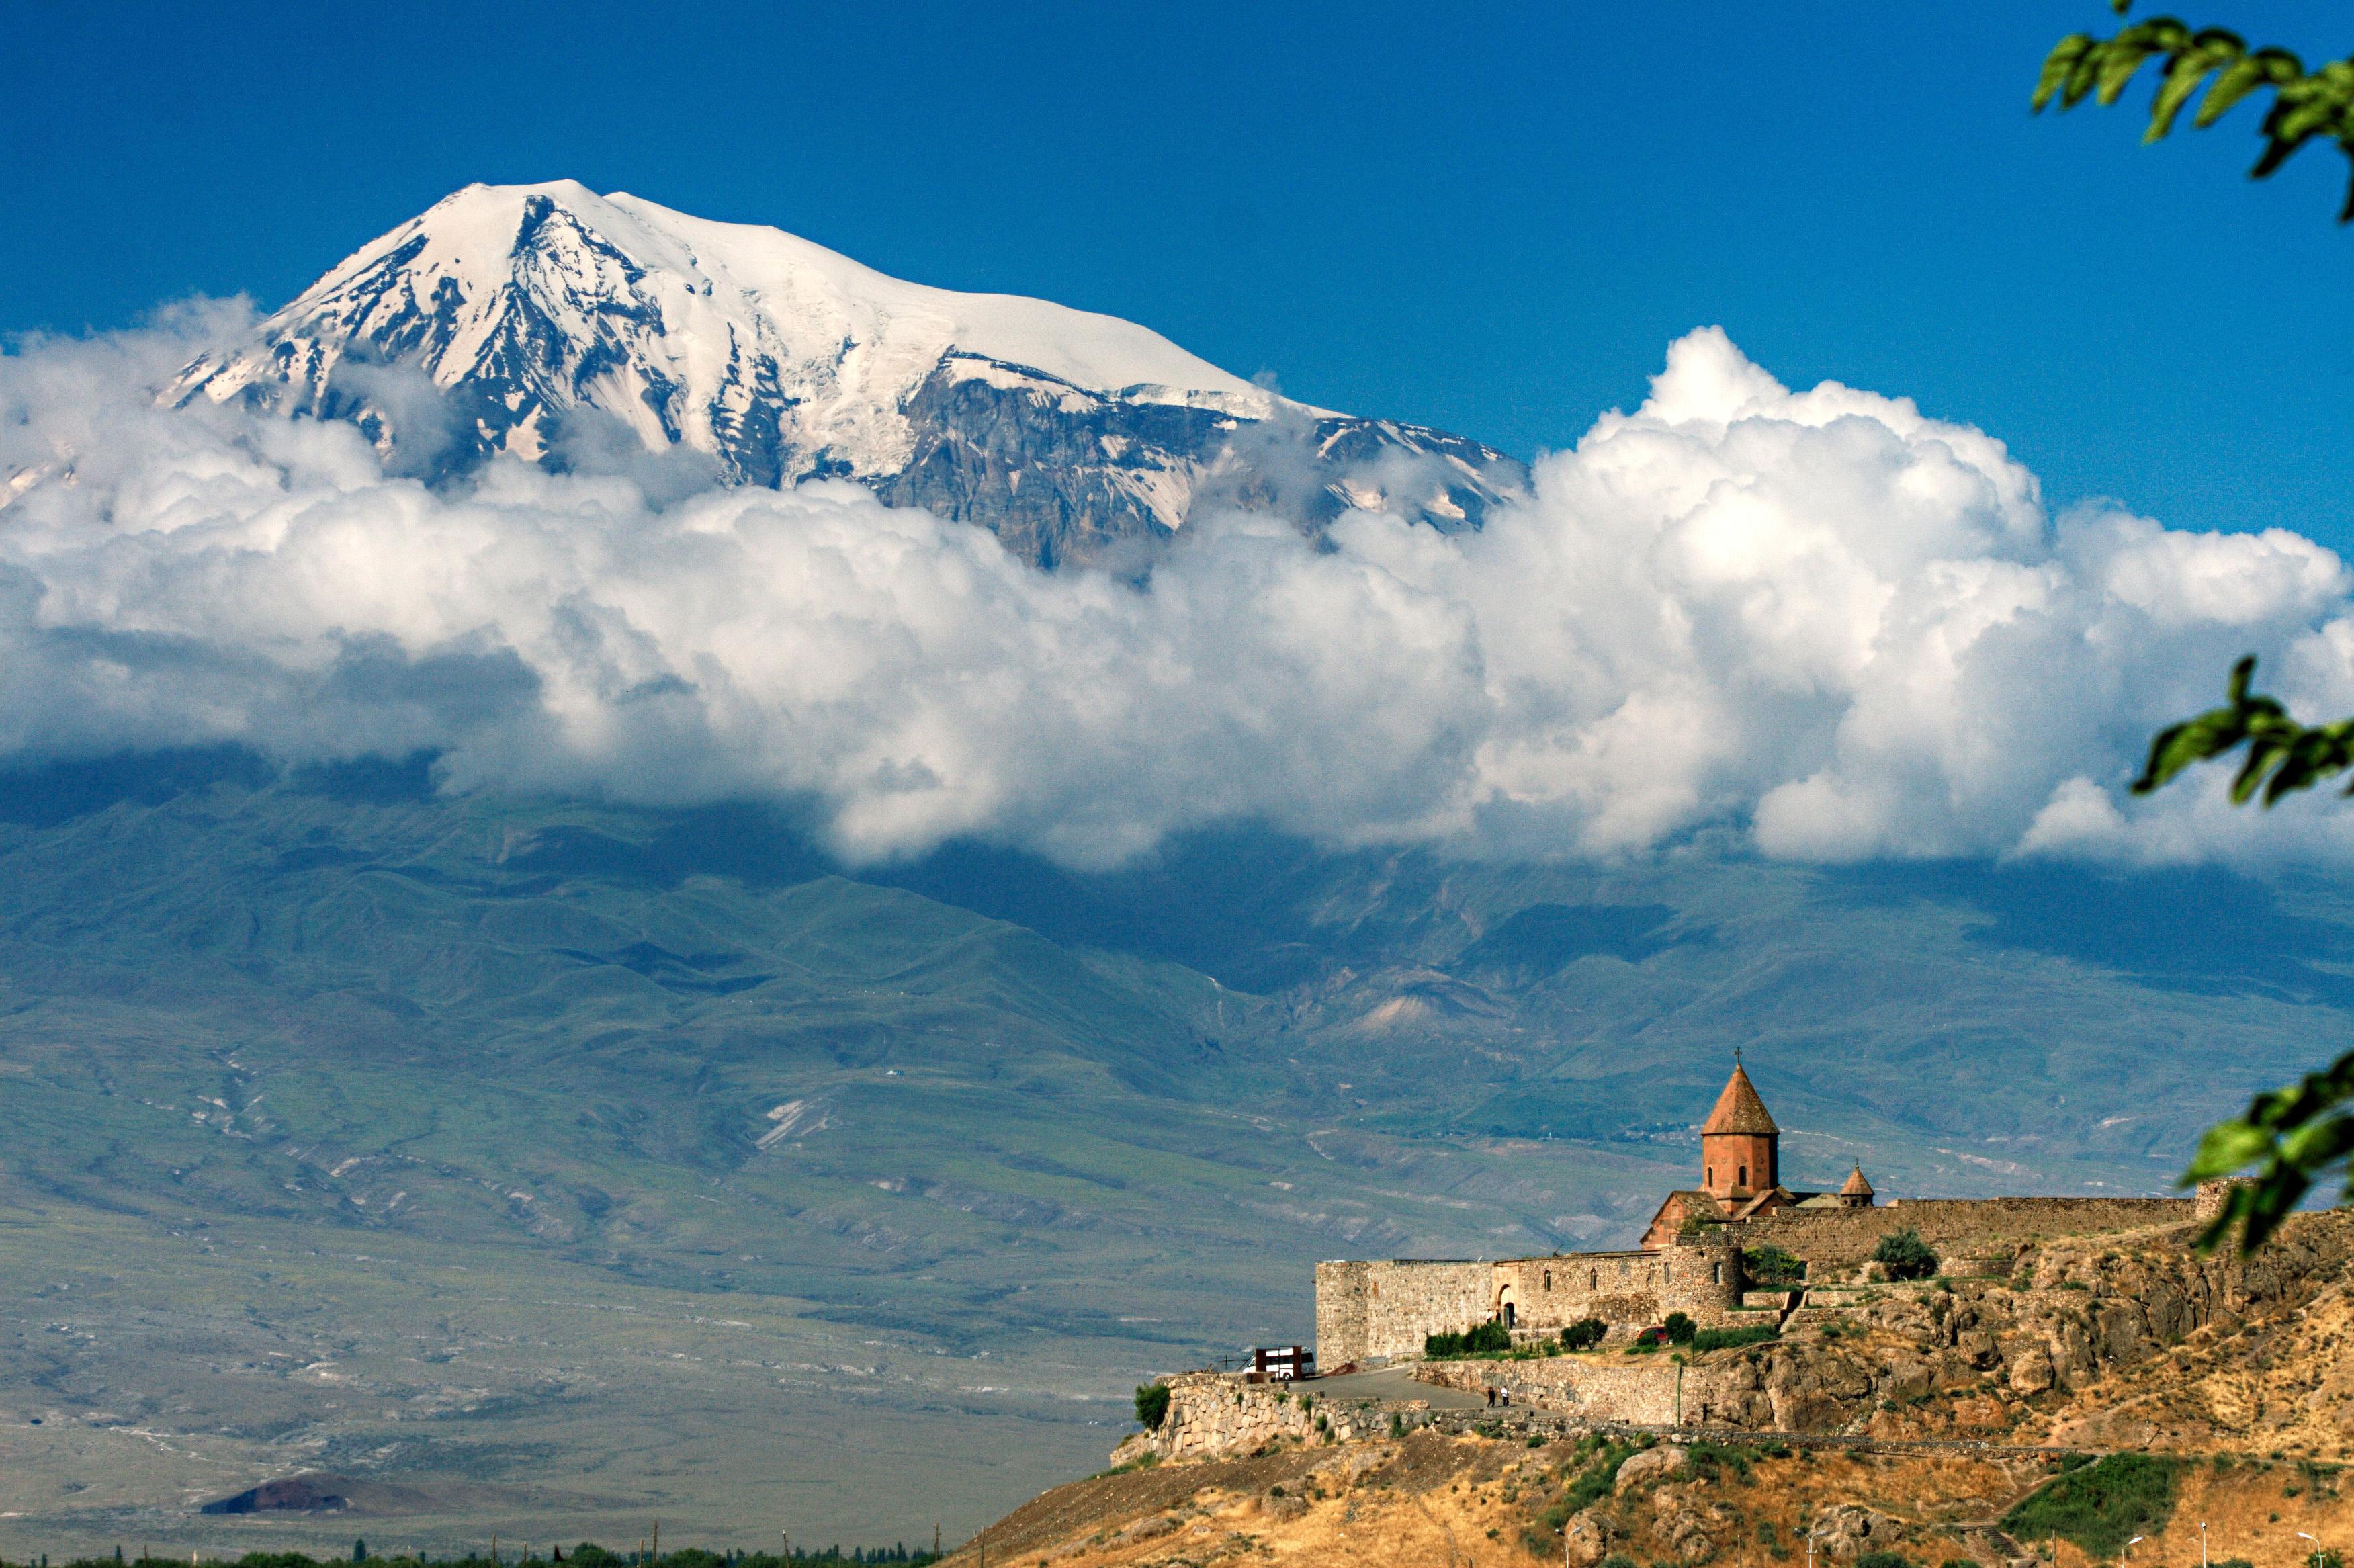 104520 Hintergrundbild herunterladen Architektur, Natur, Clouds, Berg, Struktur, Höhe, Armenien, Ararat - Bildschirmschoner und Bilder kostenlos